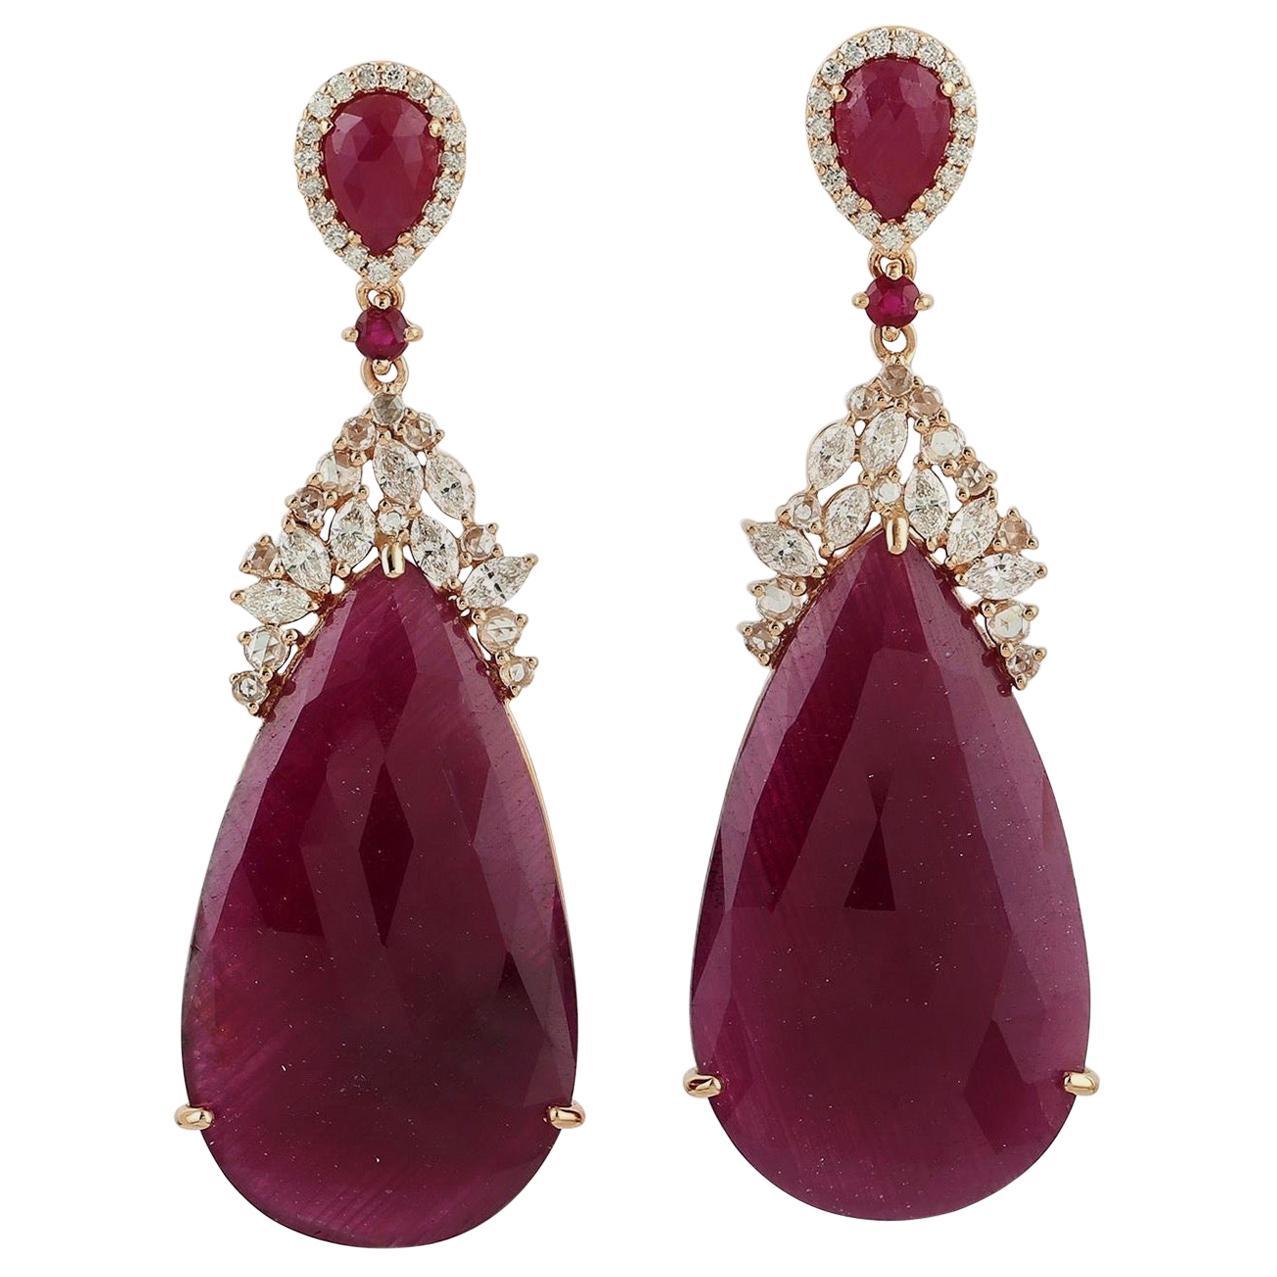 43.72 Carat Ruby 18 Karat Gold Diamond Earrings